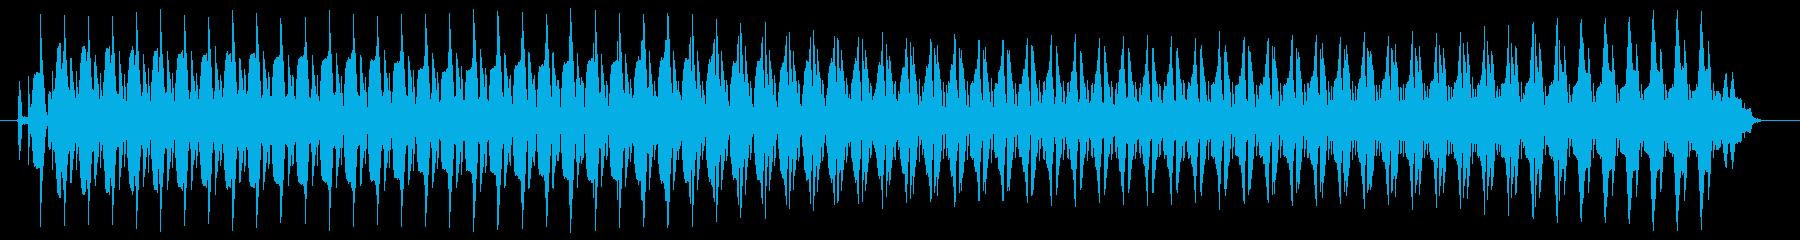 ヴョォ~。クイズ不正解・ブザー音の再生済みの波形